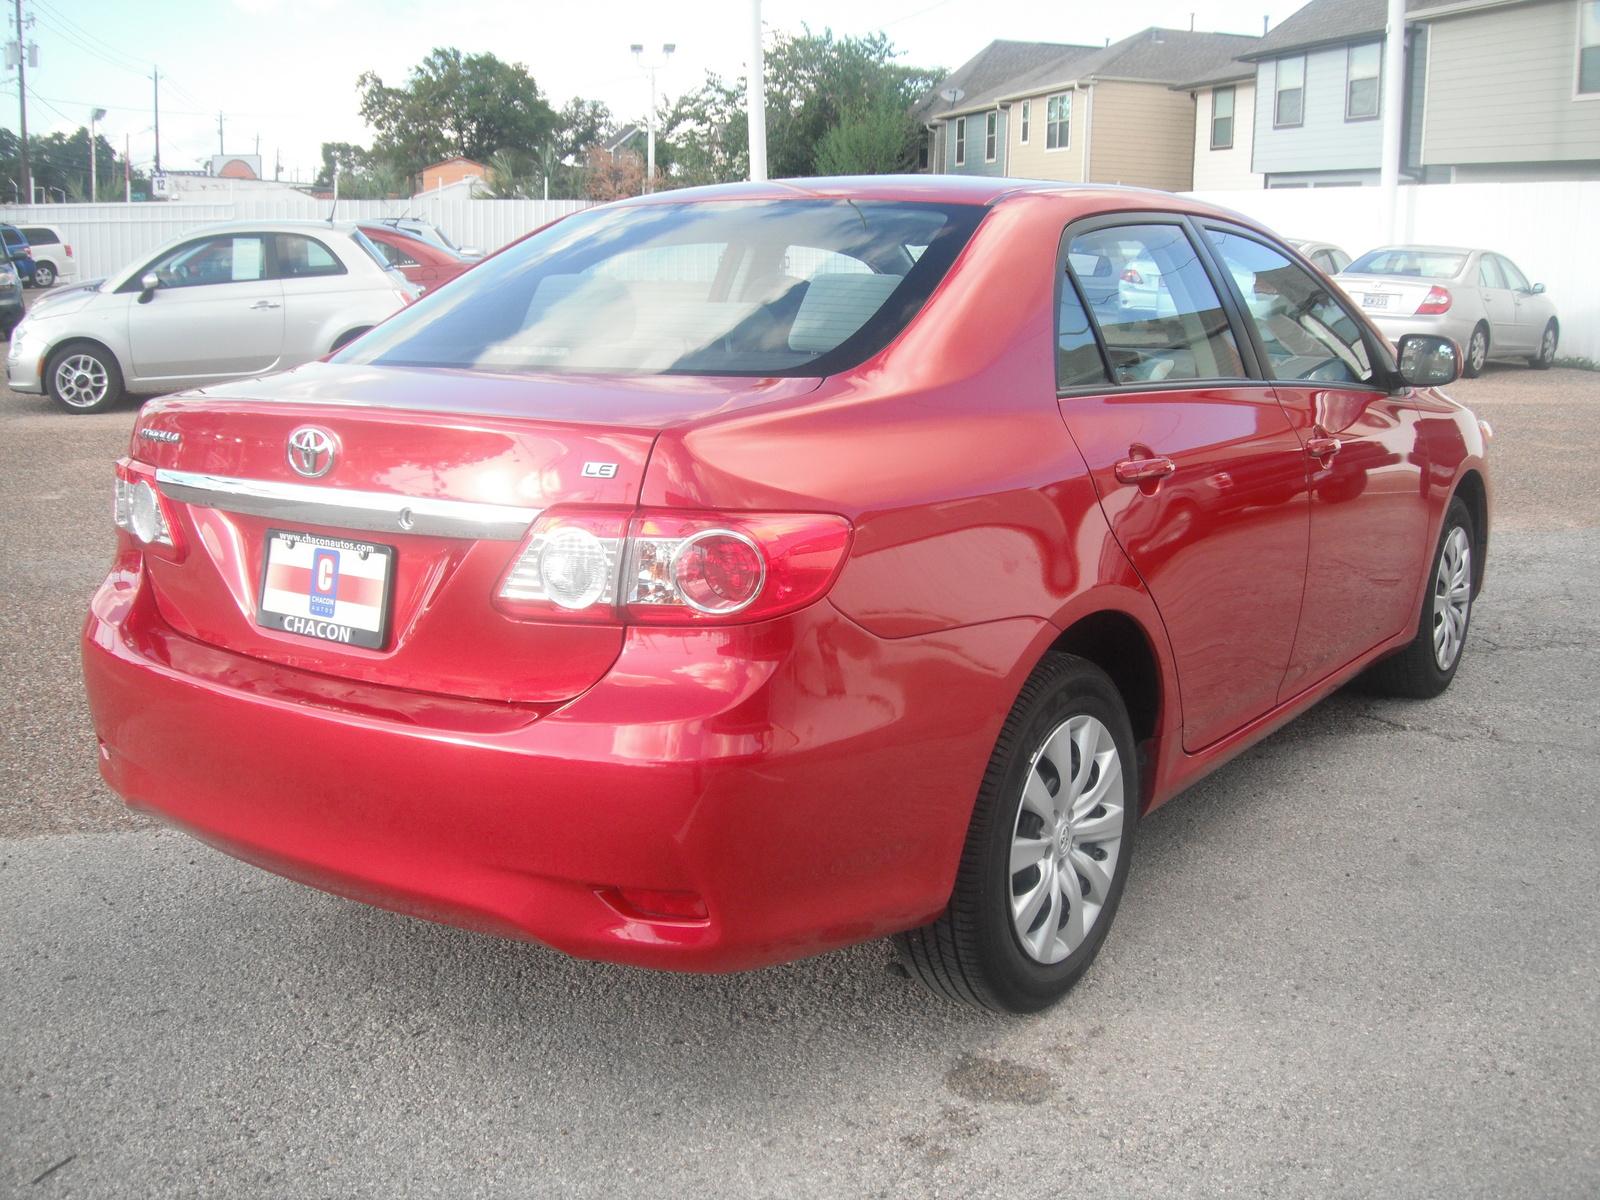 2012 Toyota Corolla Pictures Cargurus